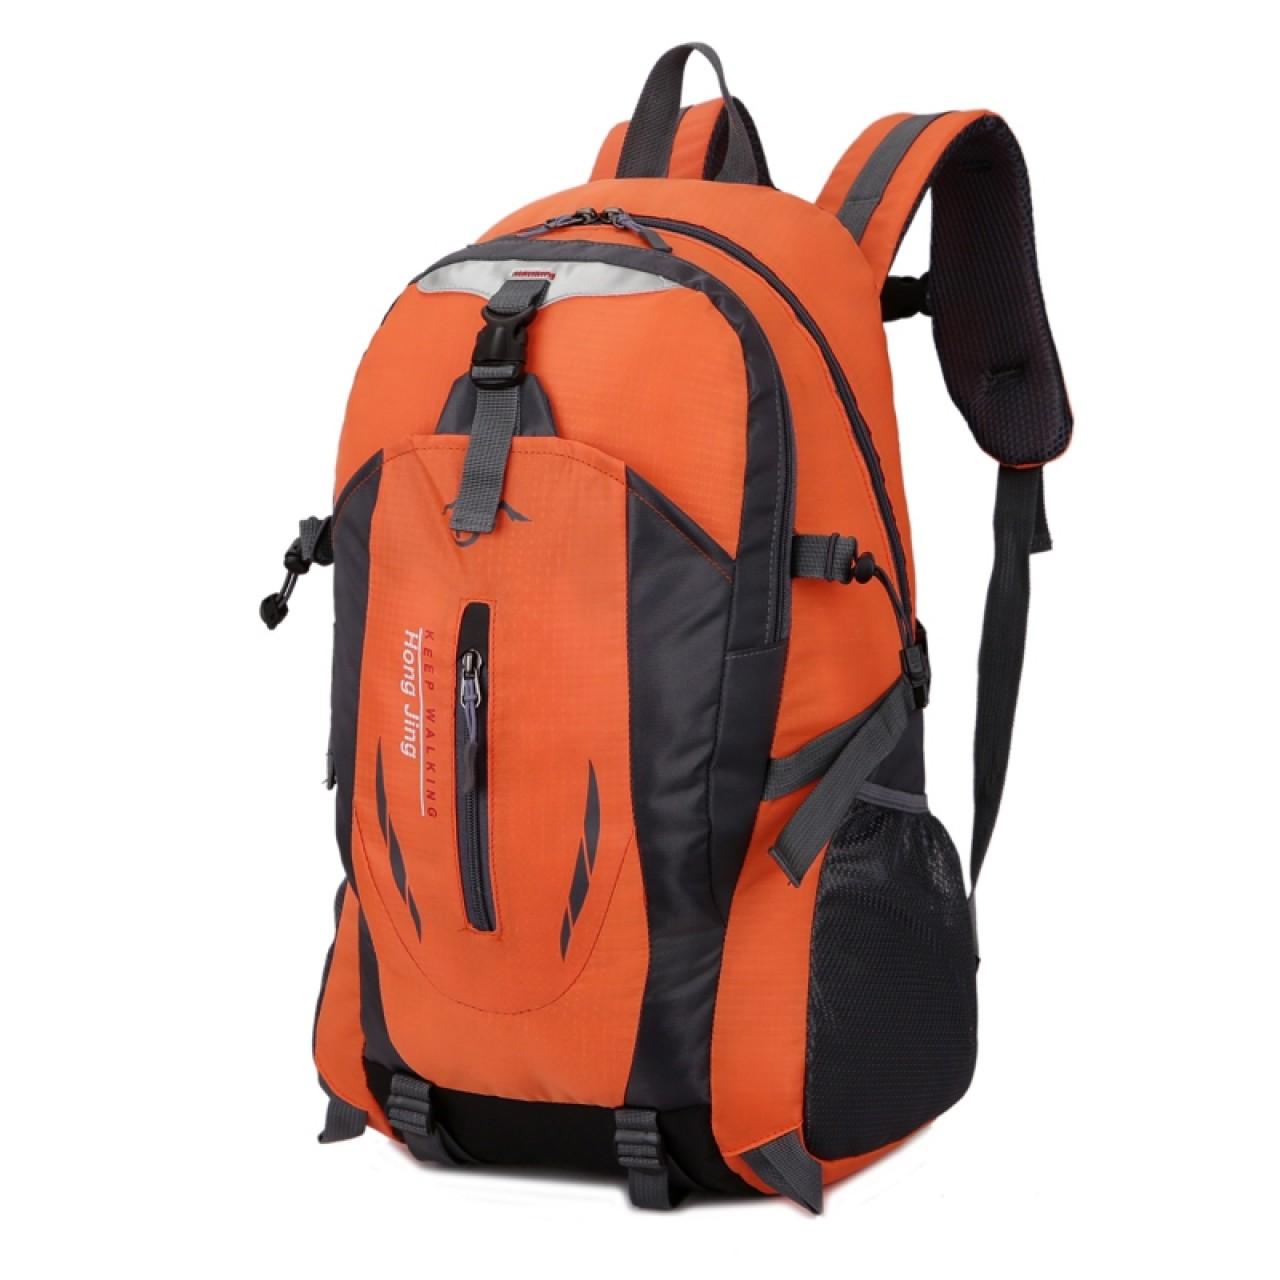 a018ee7ebaf ... Casual Waterproof Simple Backpack τσάντας πλάτης αδιάβροχη μαύρο-πορτοκαλί  Hobby - Αθλητισμός